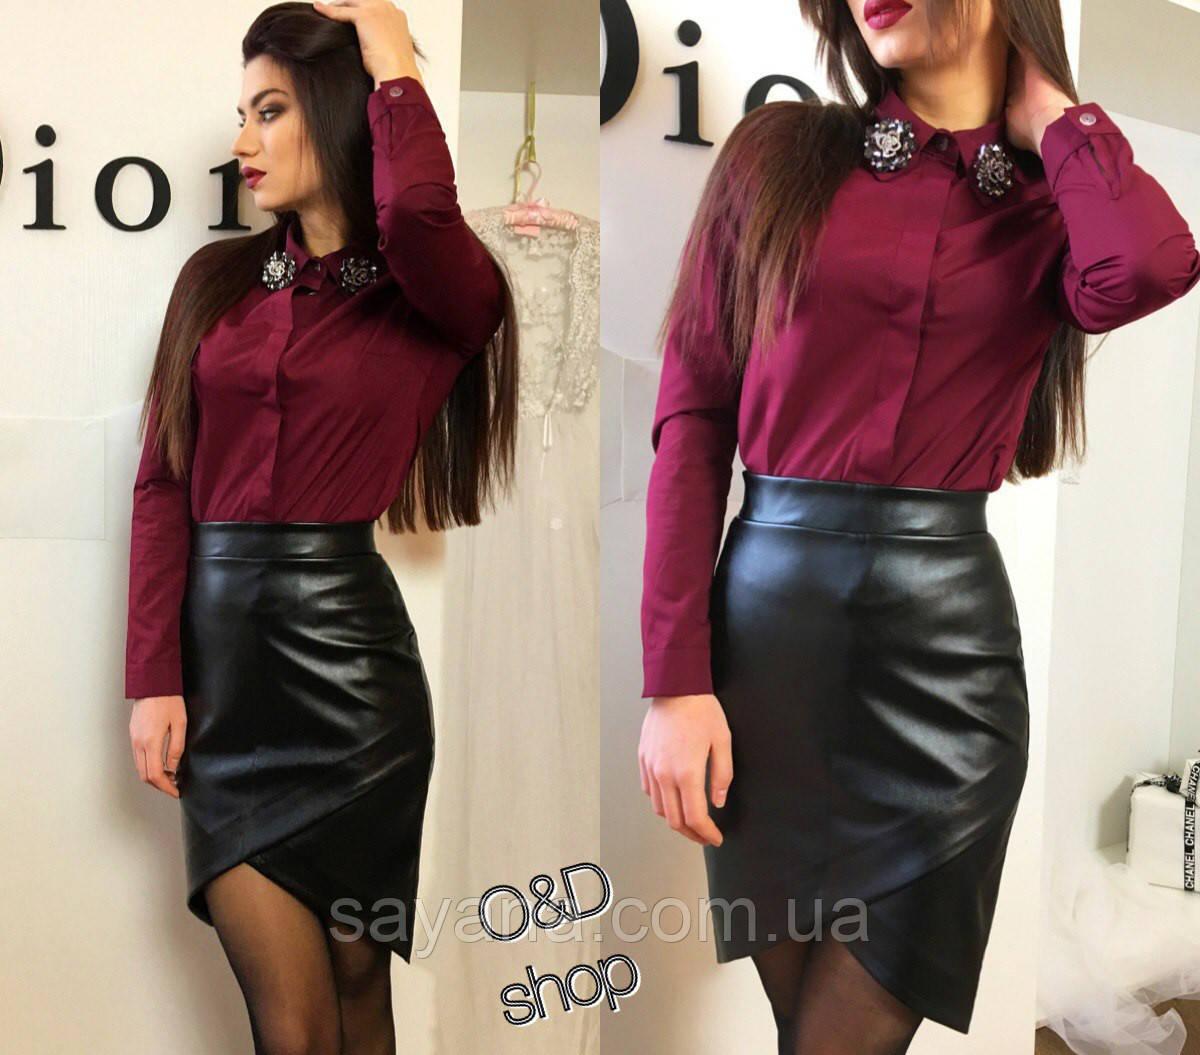 Женская классическая рубашка с брошками, 3 цвета. Оц-3-0217